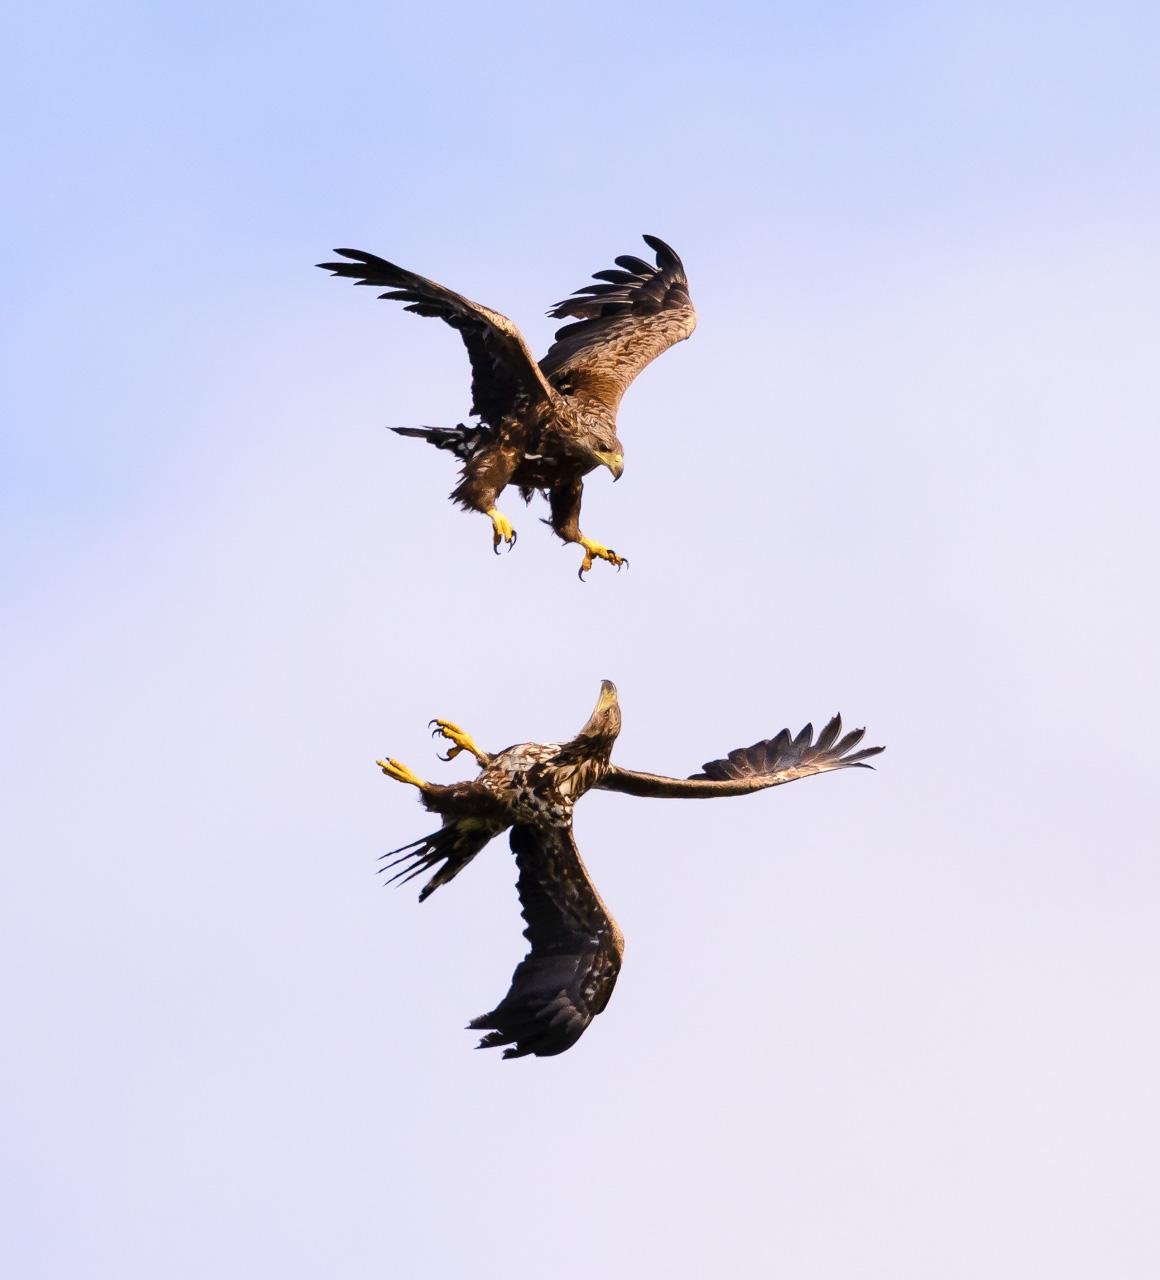 Junge Seeadler im spielerischen Luftkampf über der norwegischen Insel Runde © Holger Rüdel